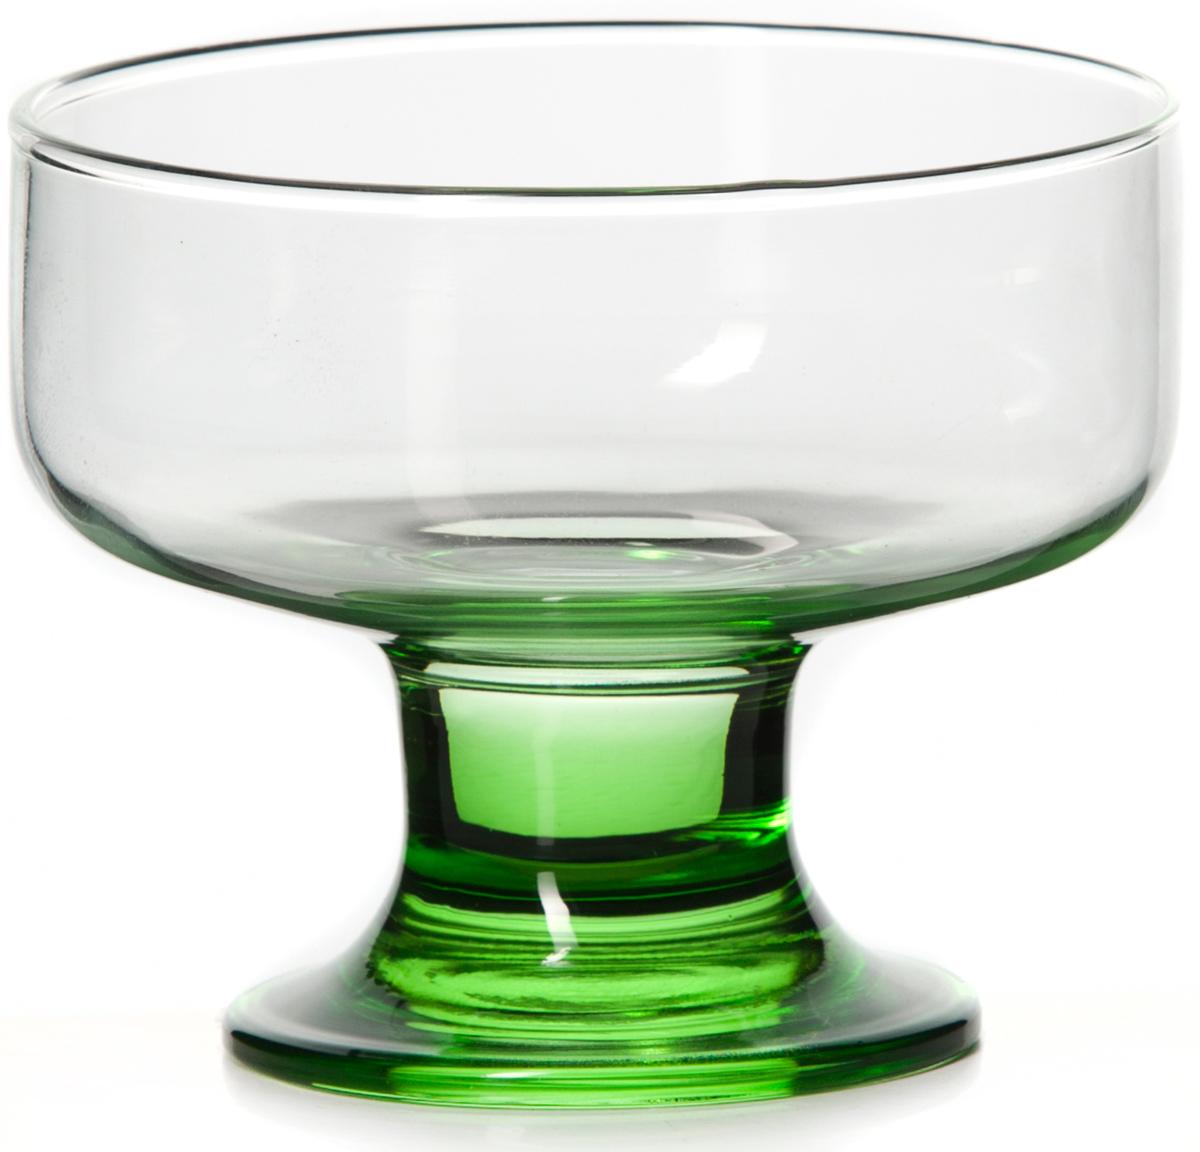 Креманка Pasabahce Энжой грин, цвет: зеленый, 250 мл41016SLBD8Креманка Pasabahce Энжой грин изготовлена из непористого стекла. Благодаря высокому уровню применяемых технологий изделие может использоваться на протяжении многих лет, не утрачивая эстетической привлекательности и оставаясь функциональными и современными. Высота: 80 мм. Объем: 250 мл.